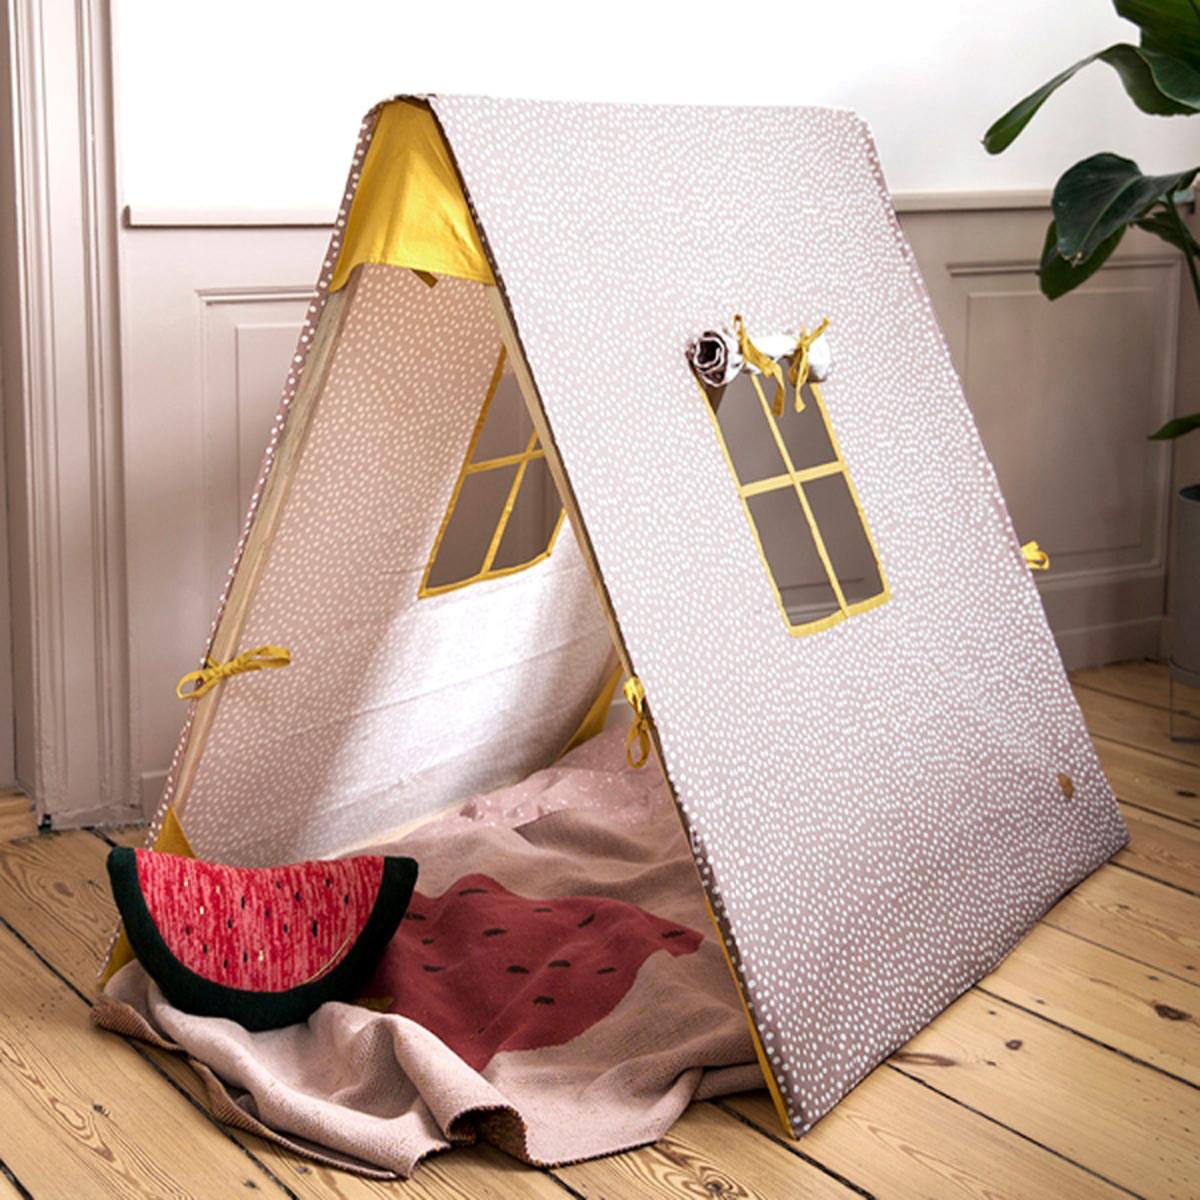 ferm living tente vague curry tipi ferm living sur l. Black Bedroom Furniture Sets. Home Design Ideas